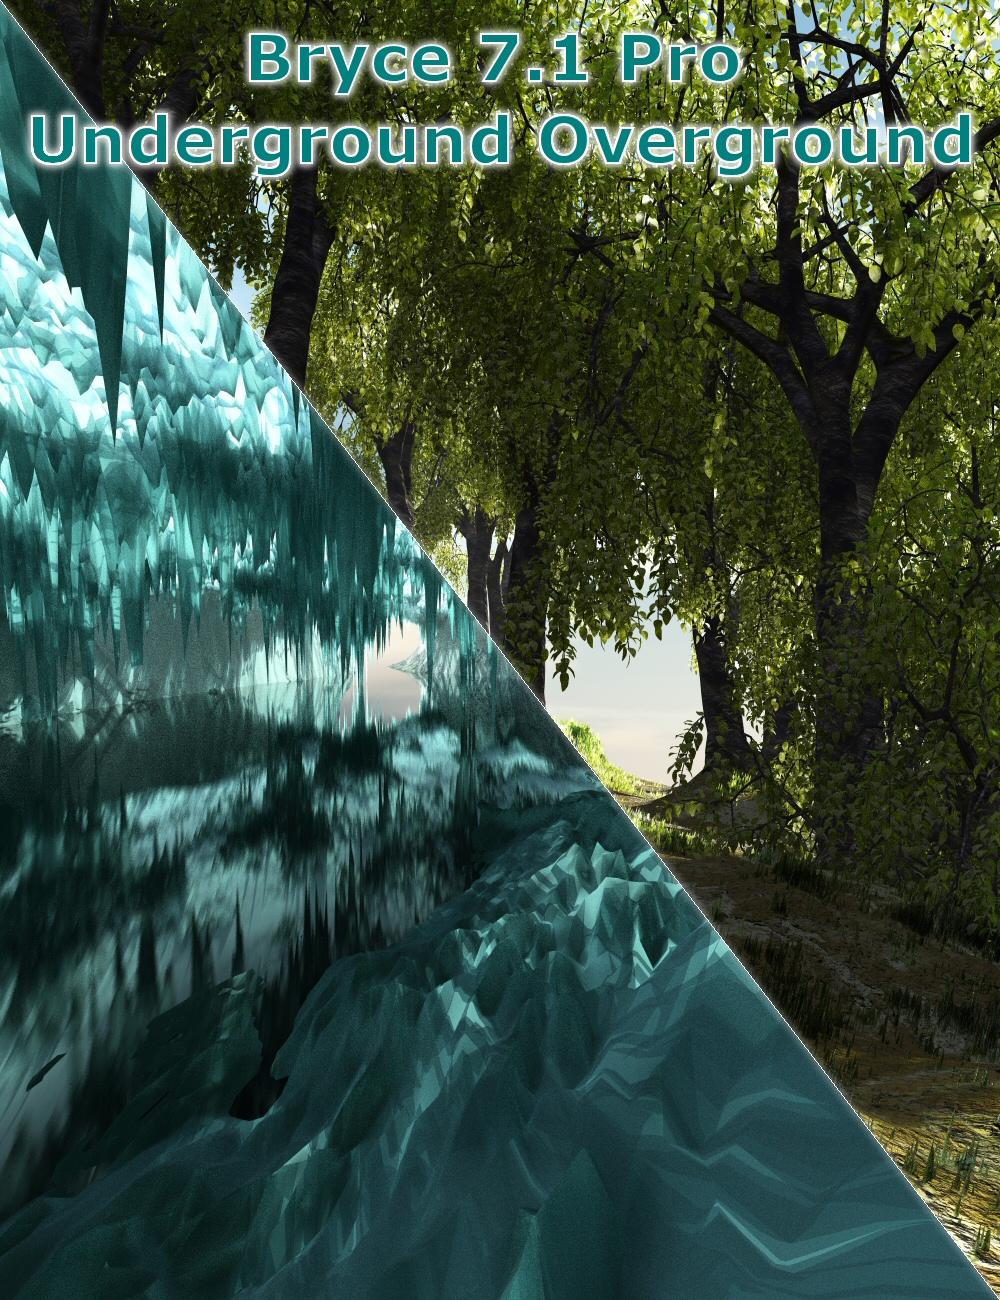 Bryce 7.1 Pro - Underground Overground by: David BrinnenHoro, 3D Models by Daz 3D